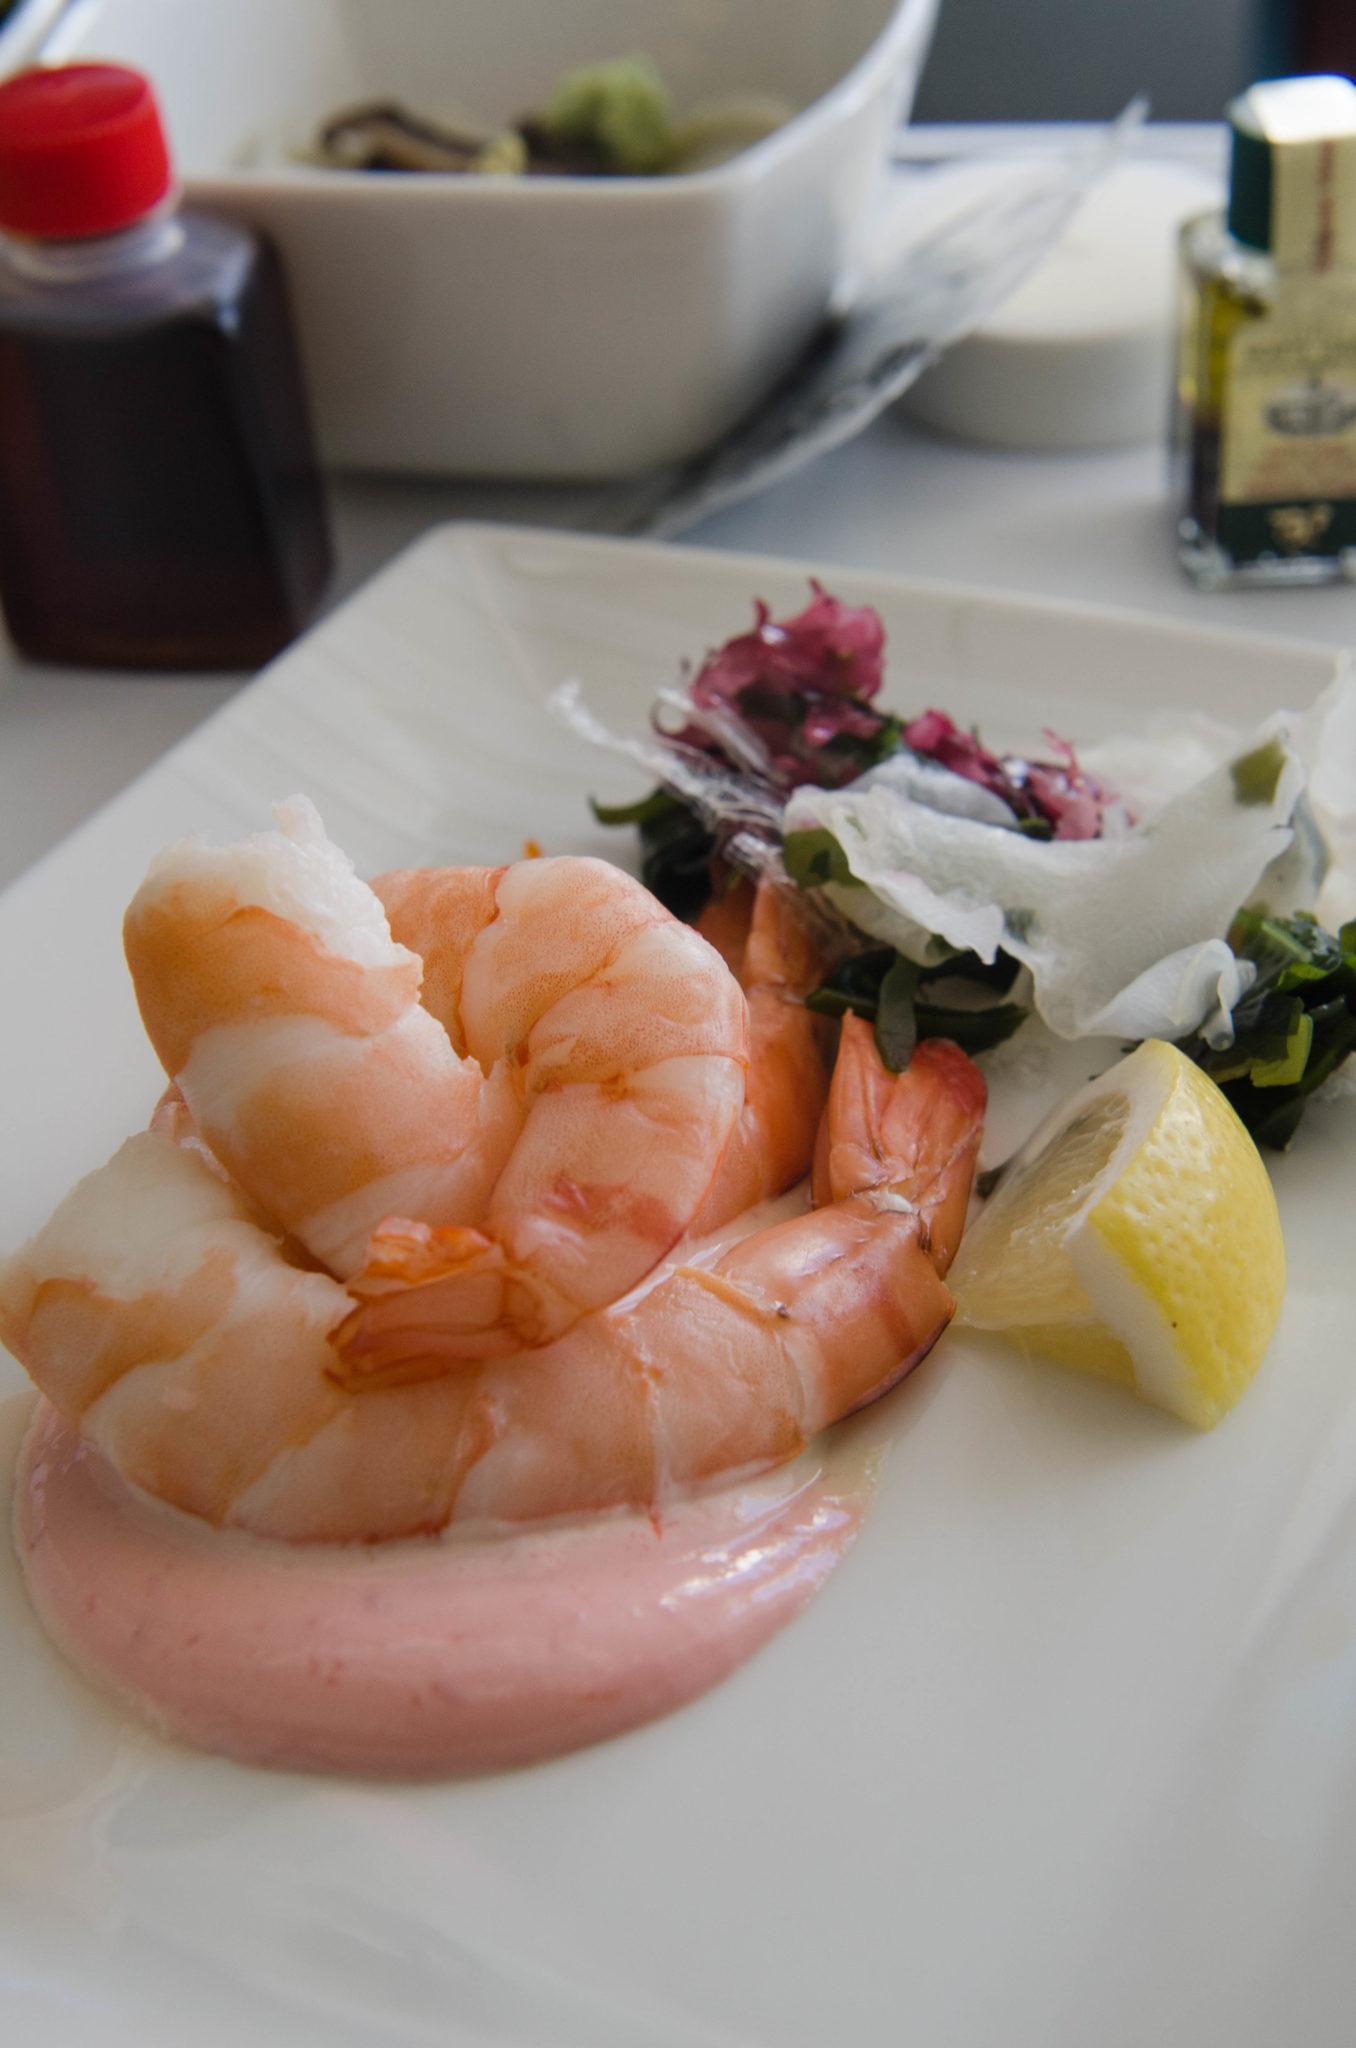 Das Mittagessen in der Cathay Pacific Business Class ist frisch und lecker.